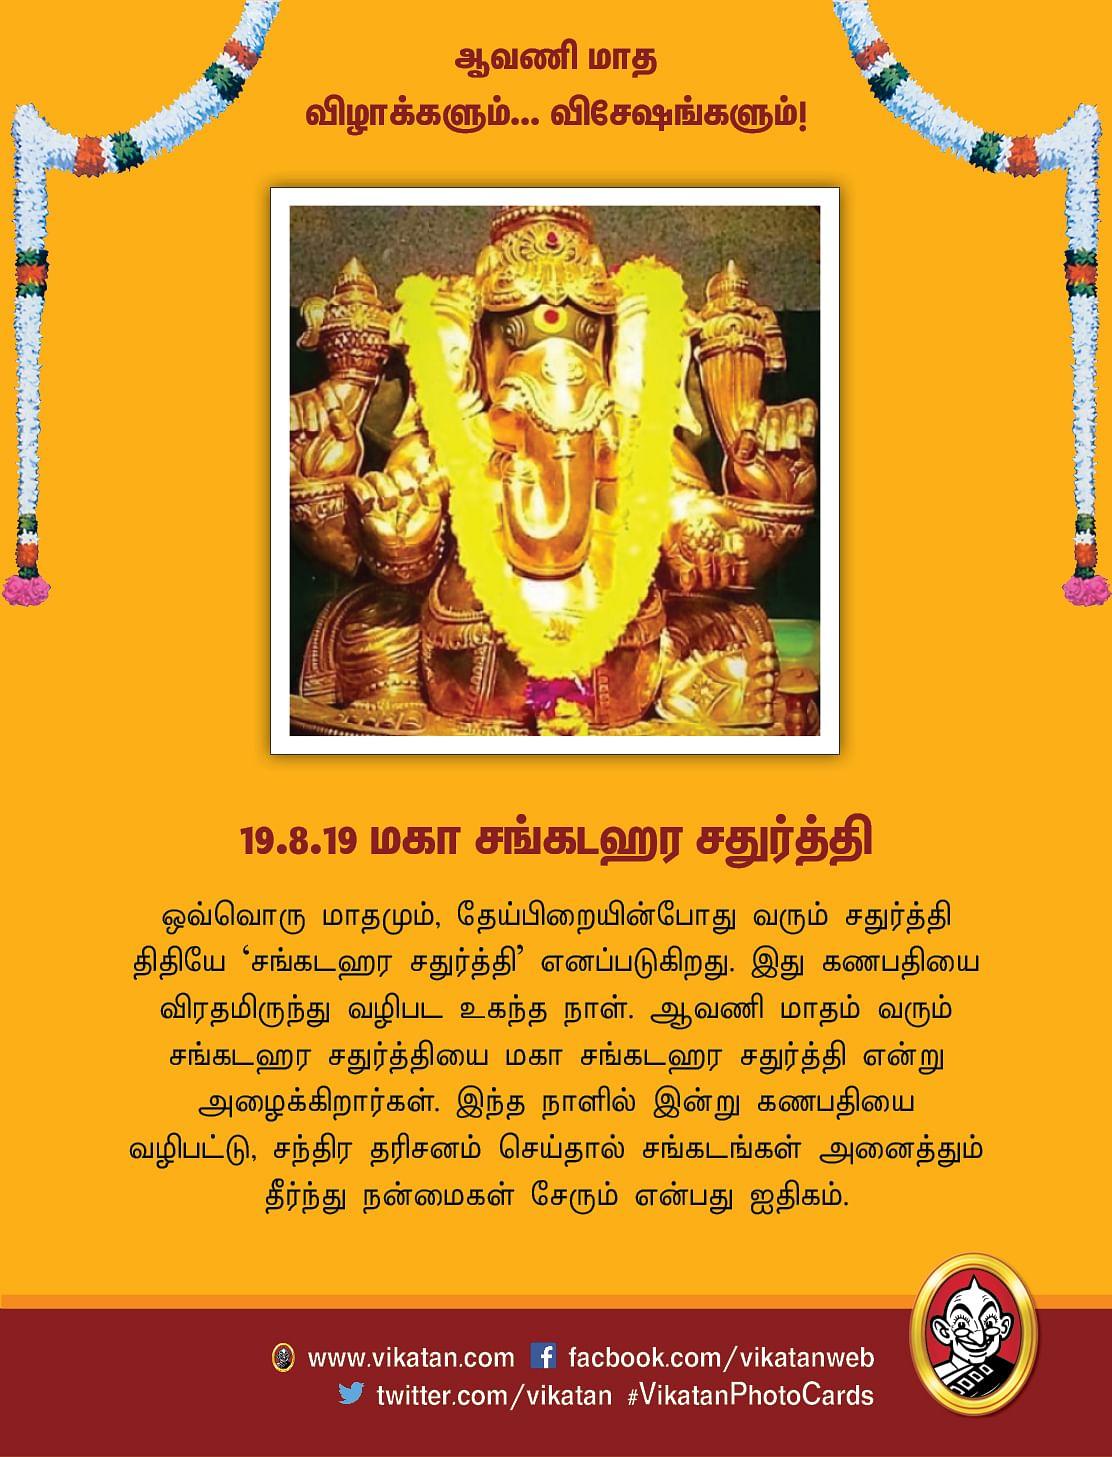 மகா சங்கடஹர சதுர்த்தி